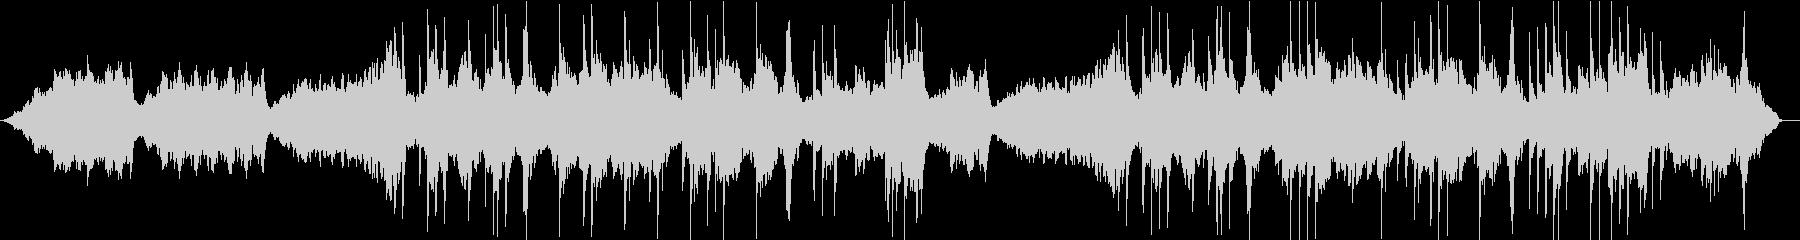 ソルフェジオ周波数による癒しのピアノ曲の未再生の波形